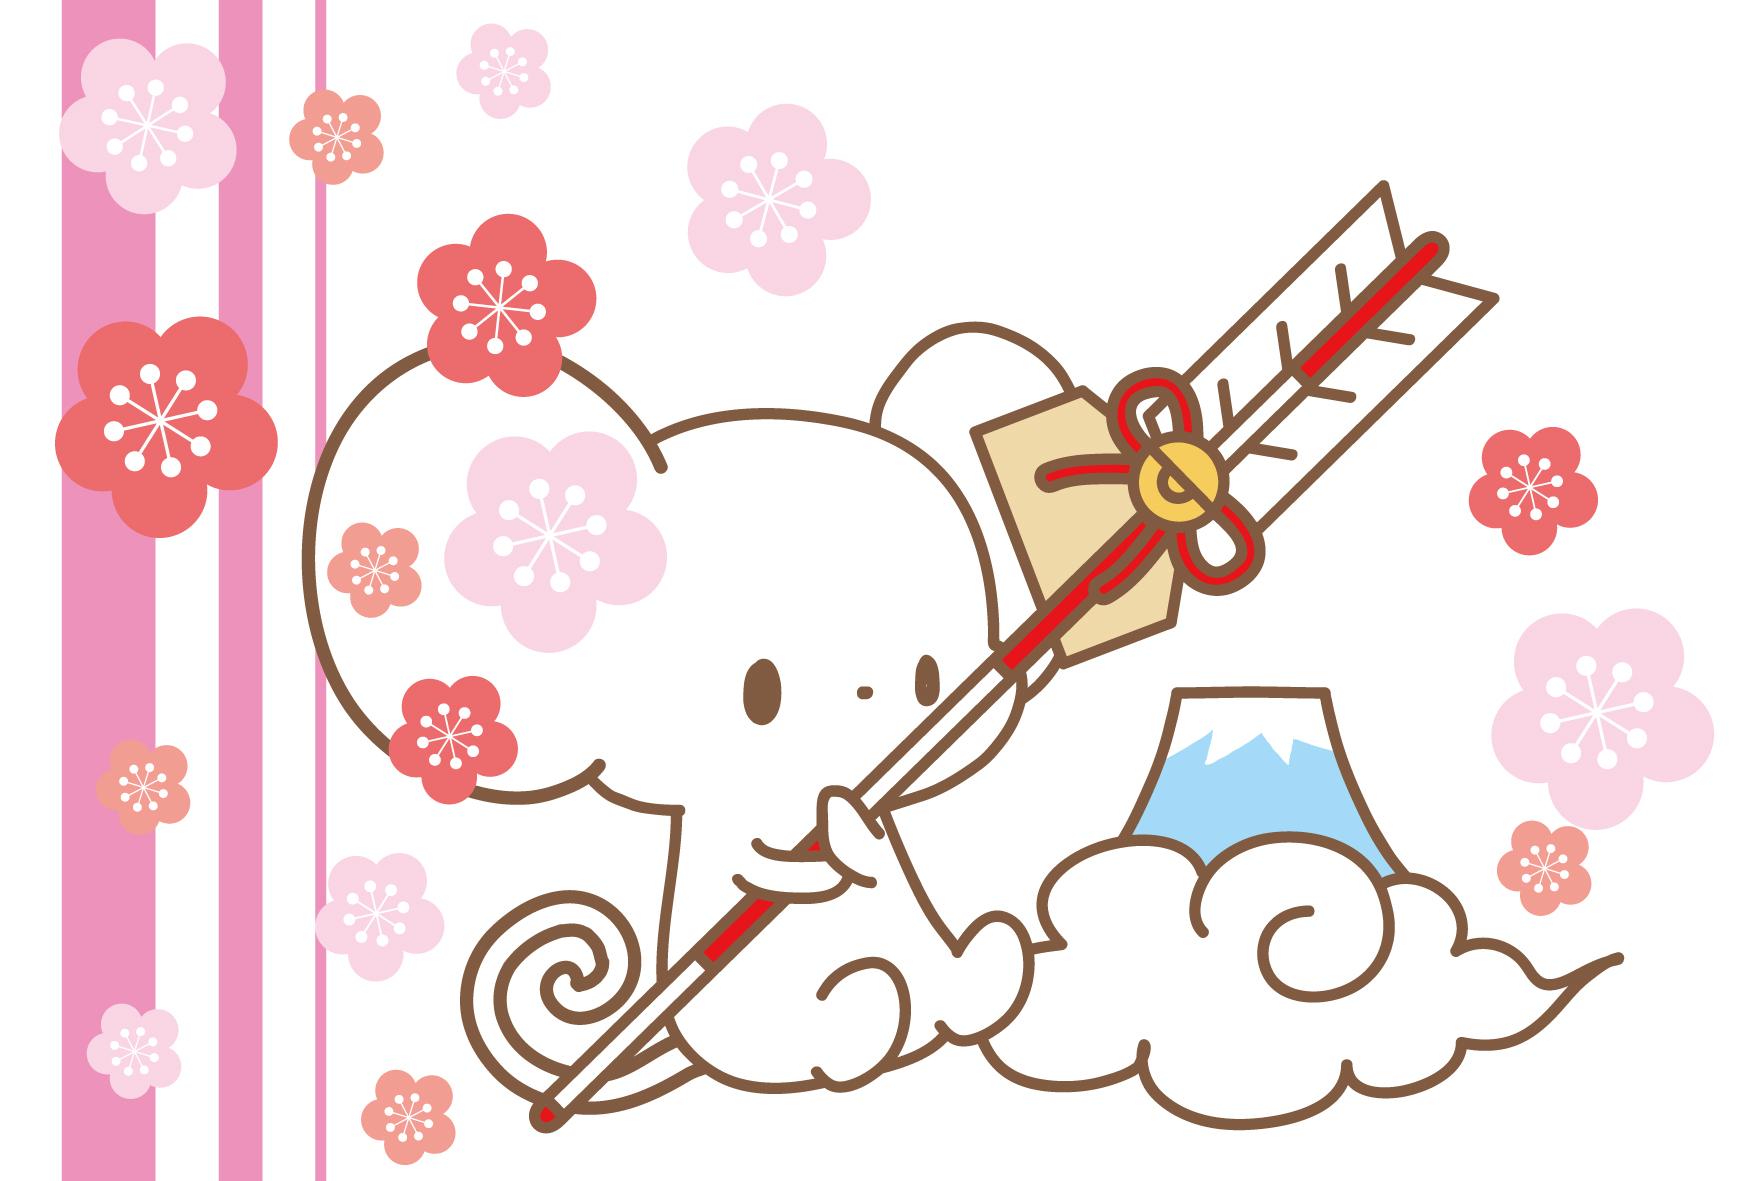 富士山と破魔矢と絵馬を持つ無料イラストの2020年の年賀状素材